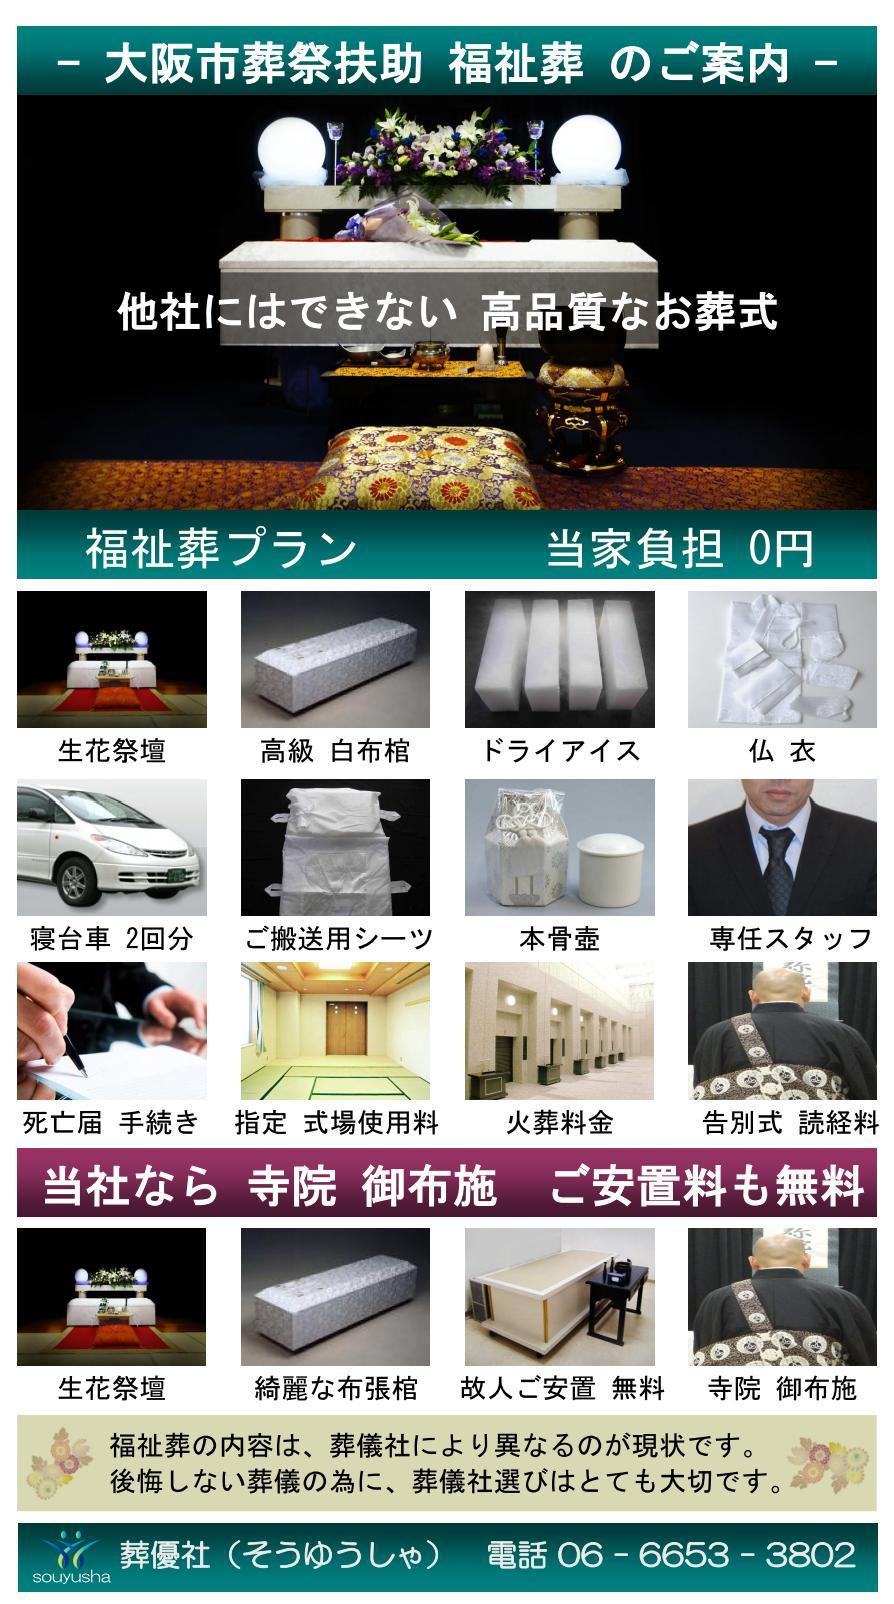 生花祭壇が付いた大阪市生活保護葬儀プラン